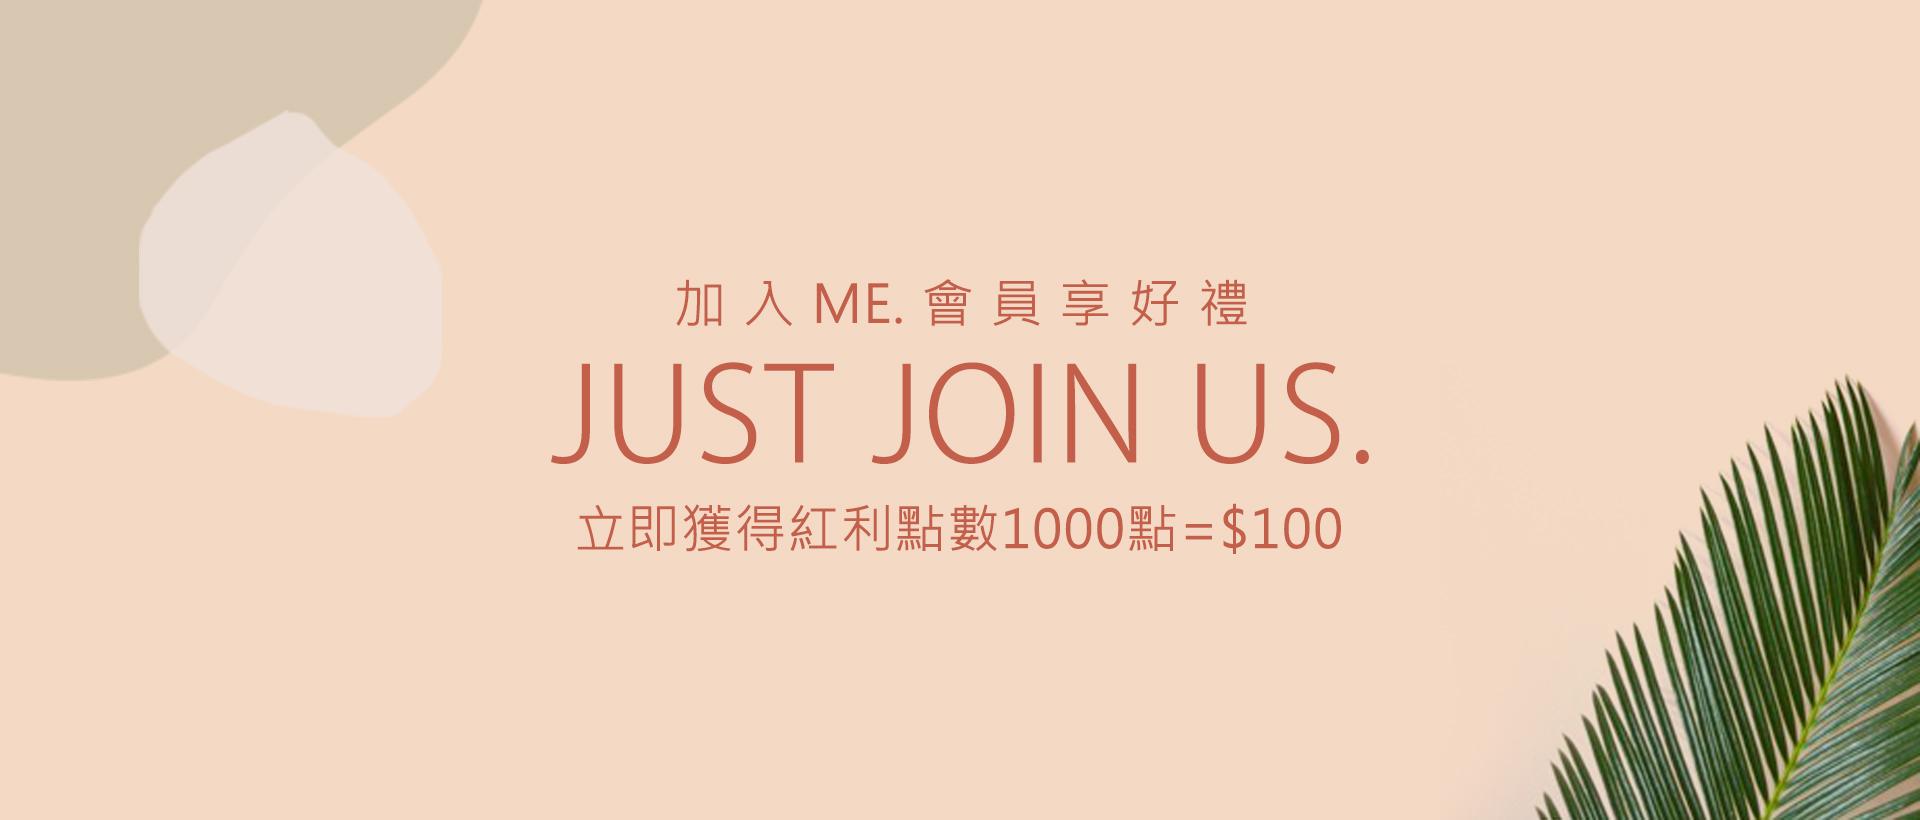 加入會員即可獲得1000點紅利